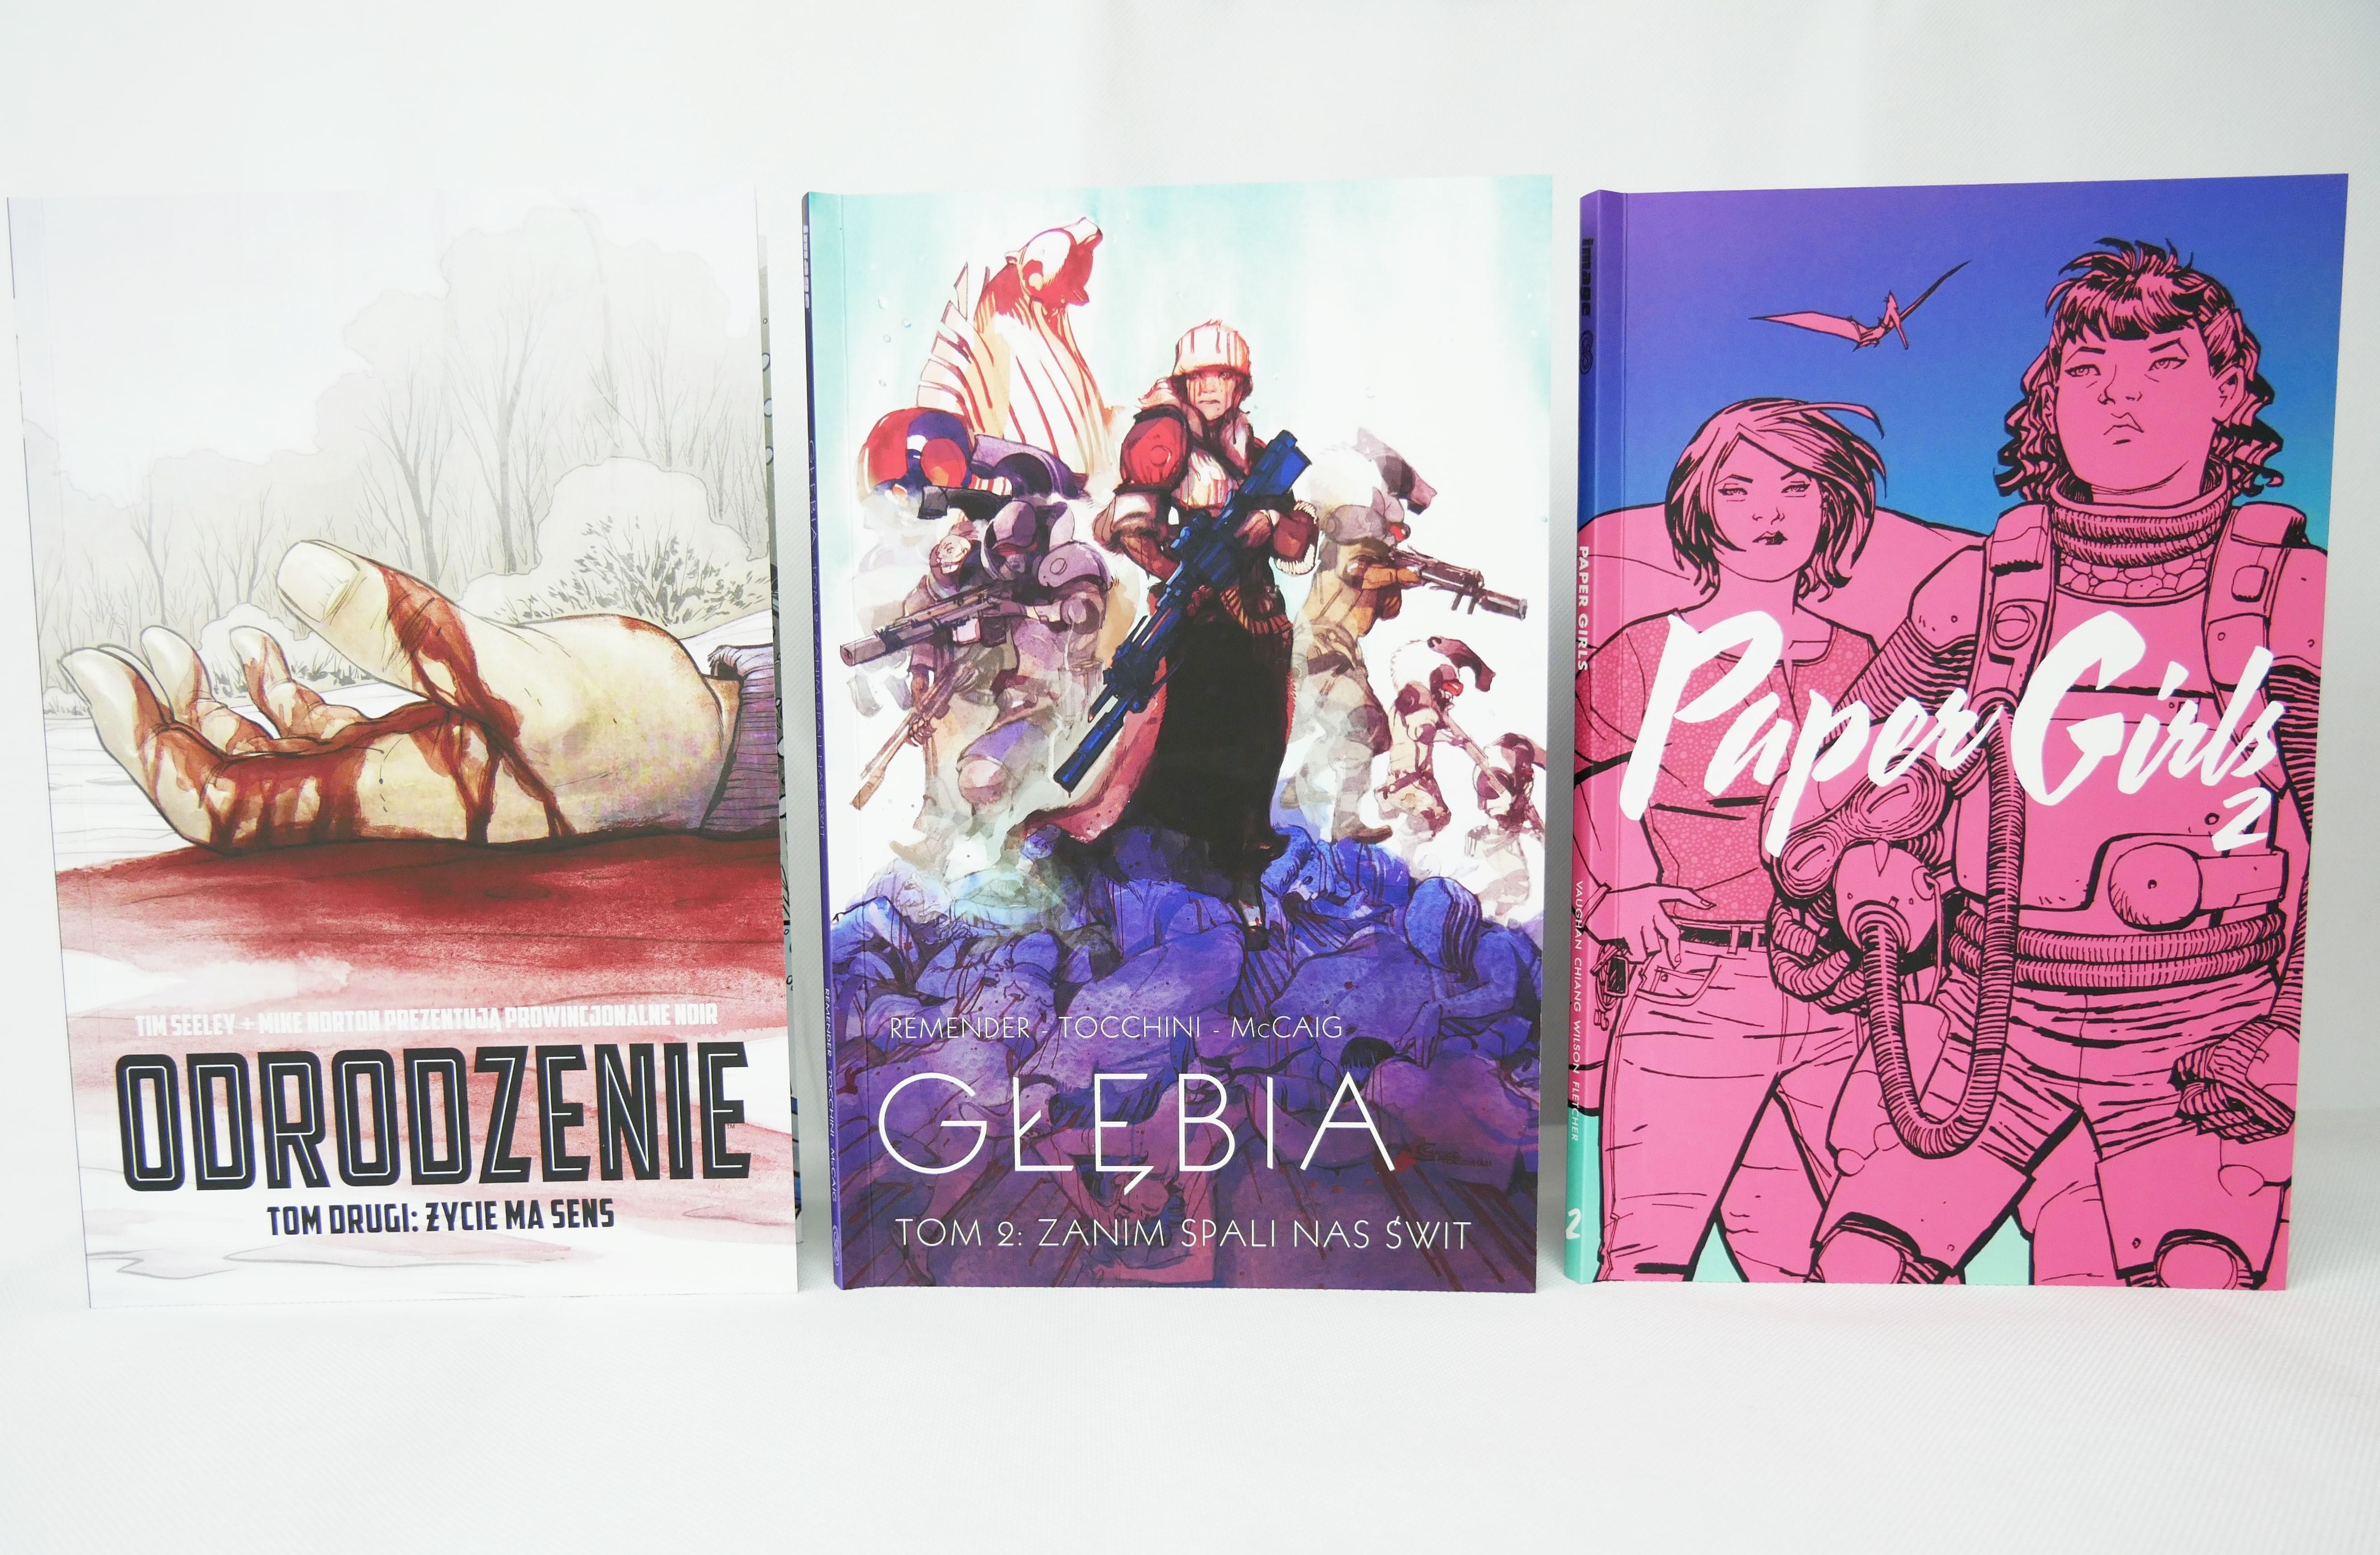 Odrodzenie tom 2, Głębia tom 2 i Paper Girls tom 2